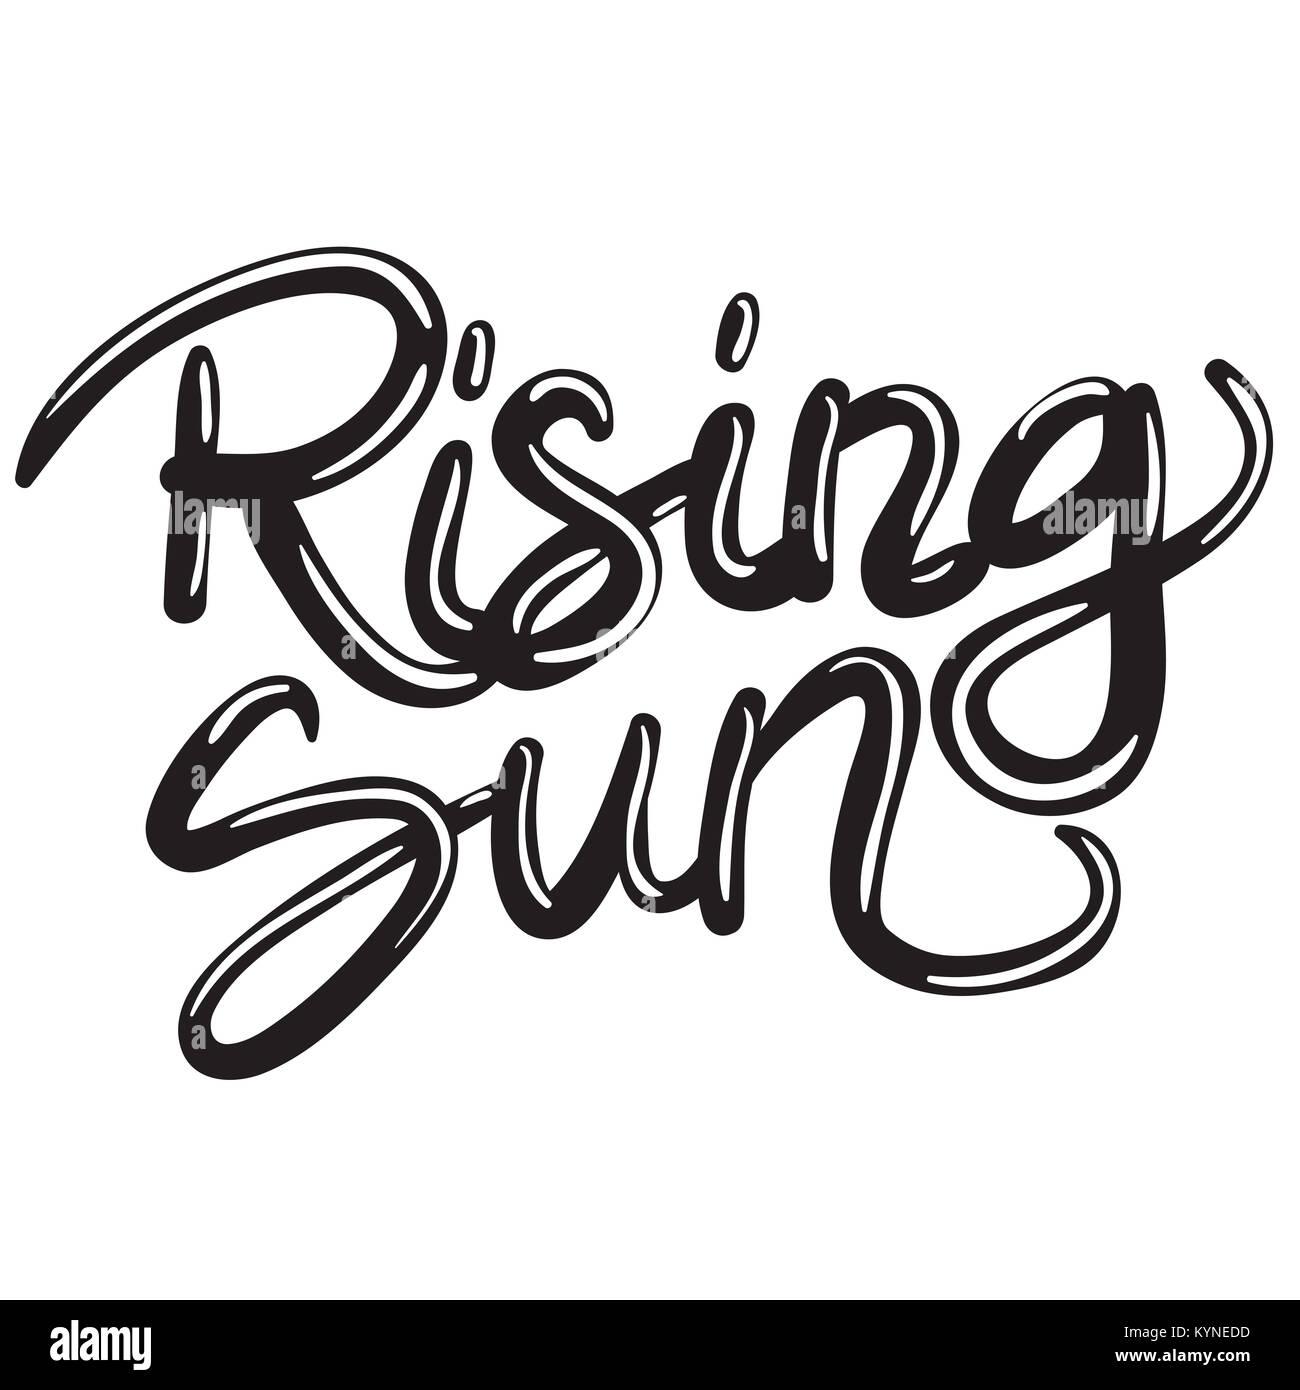 hand written lettering phrase rising sun - Stock Image